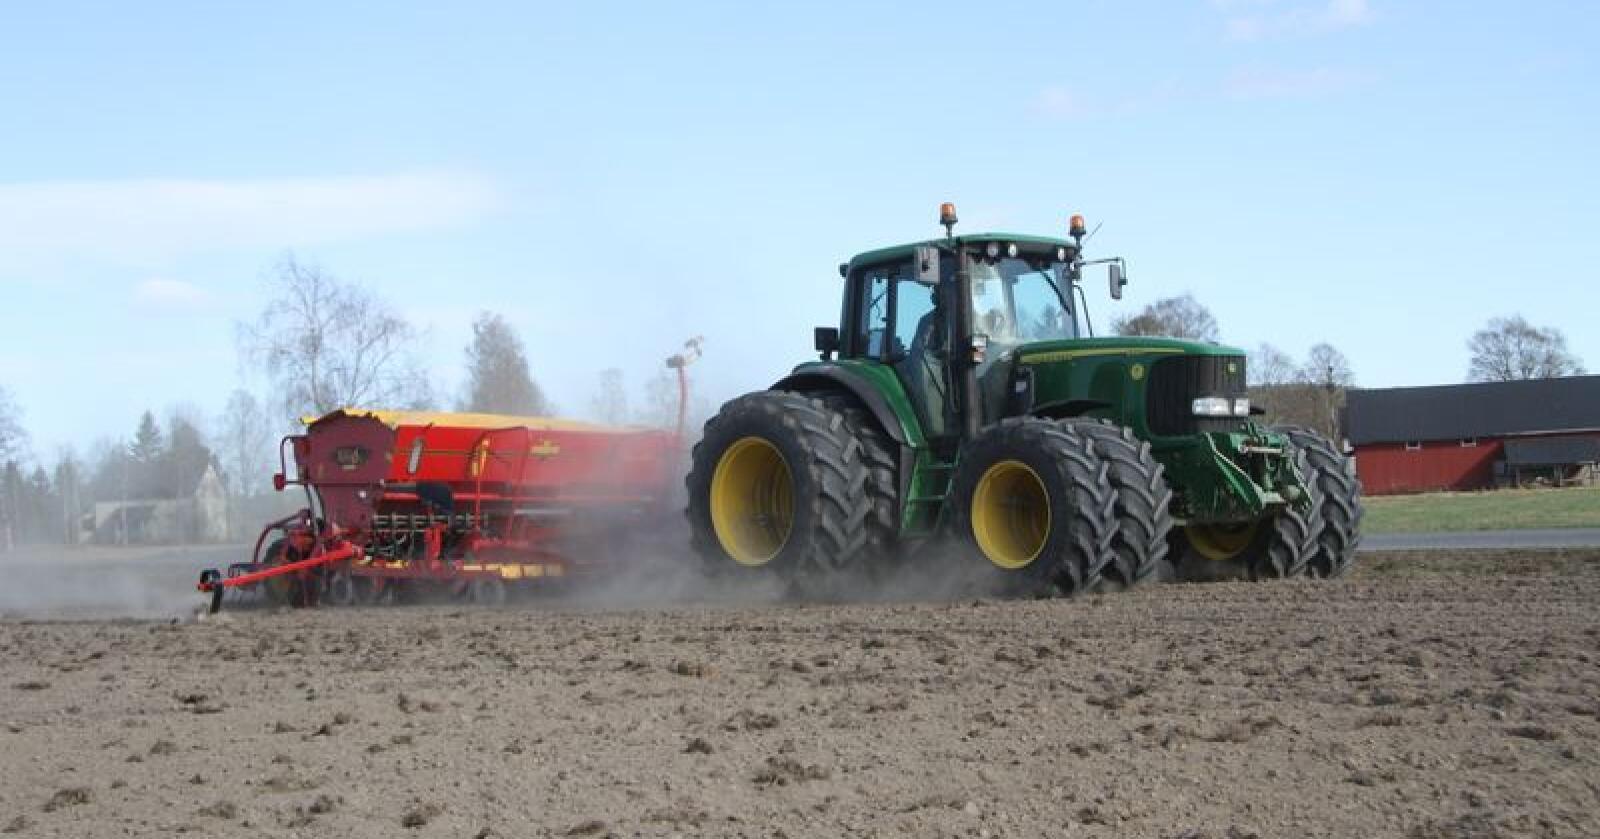 Tvilling: Kjøring med traktor med tvillinghjul er blant temaene som er omtalt i den ferske rapporten. Foto: Espen Syljuåsen